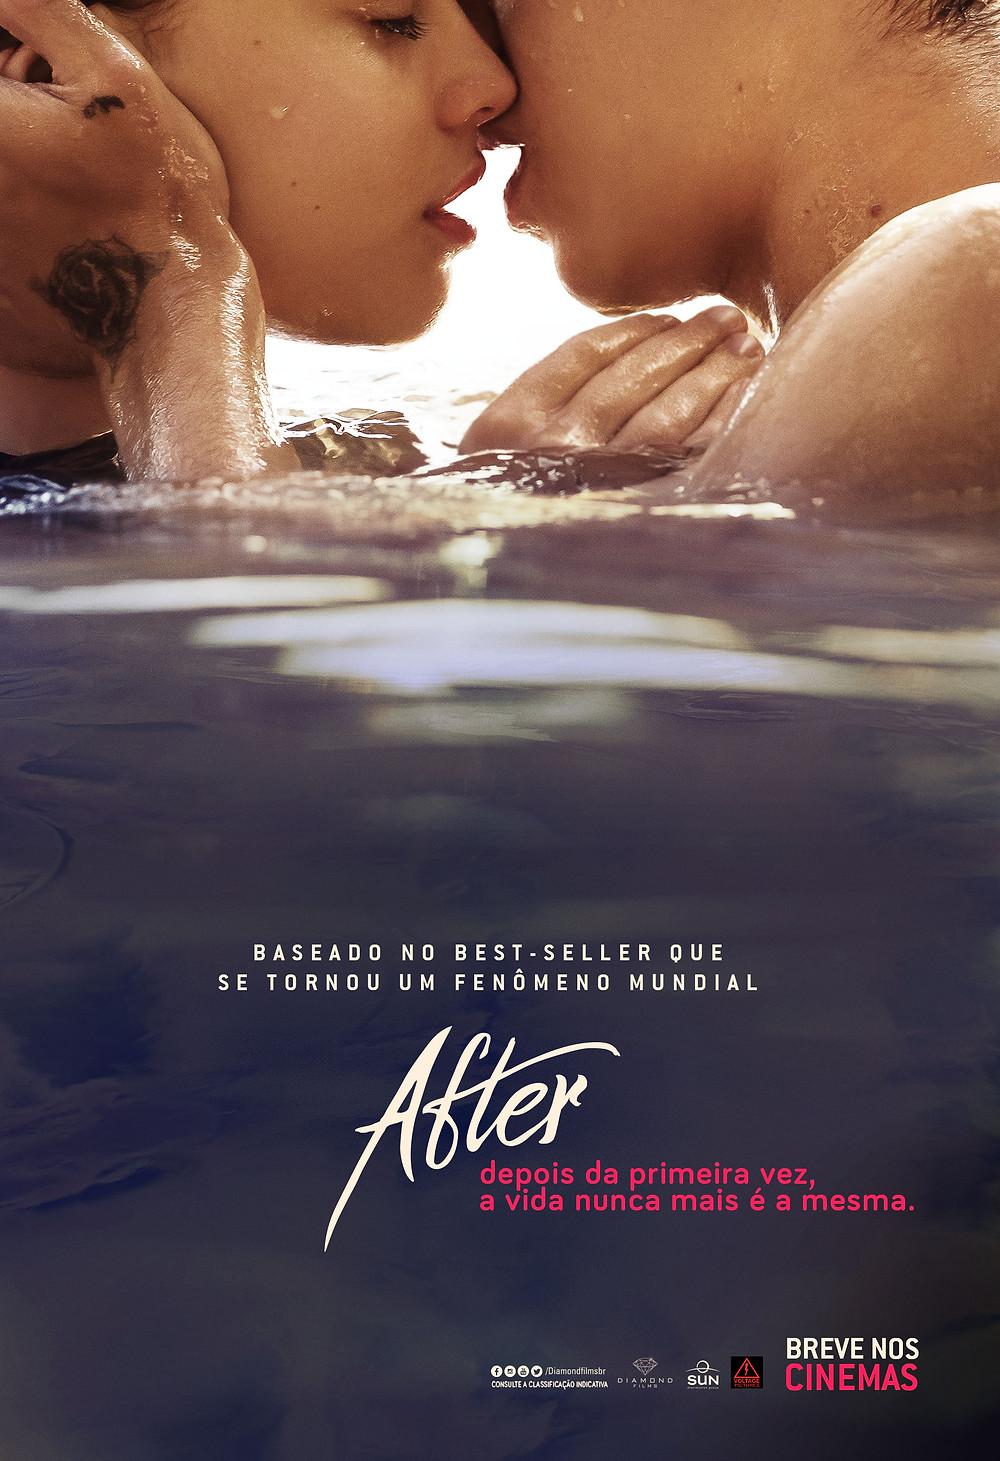 Teaser pôster do filme After (2018) | Divulgação (Diamond Films)